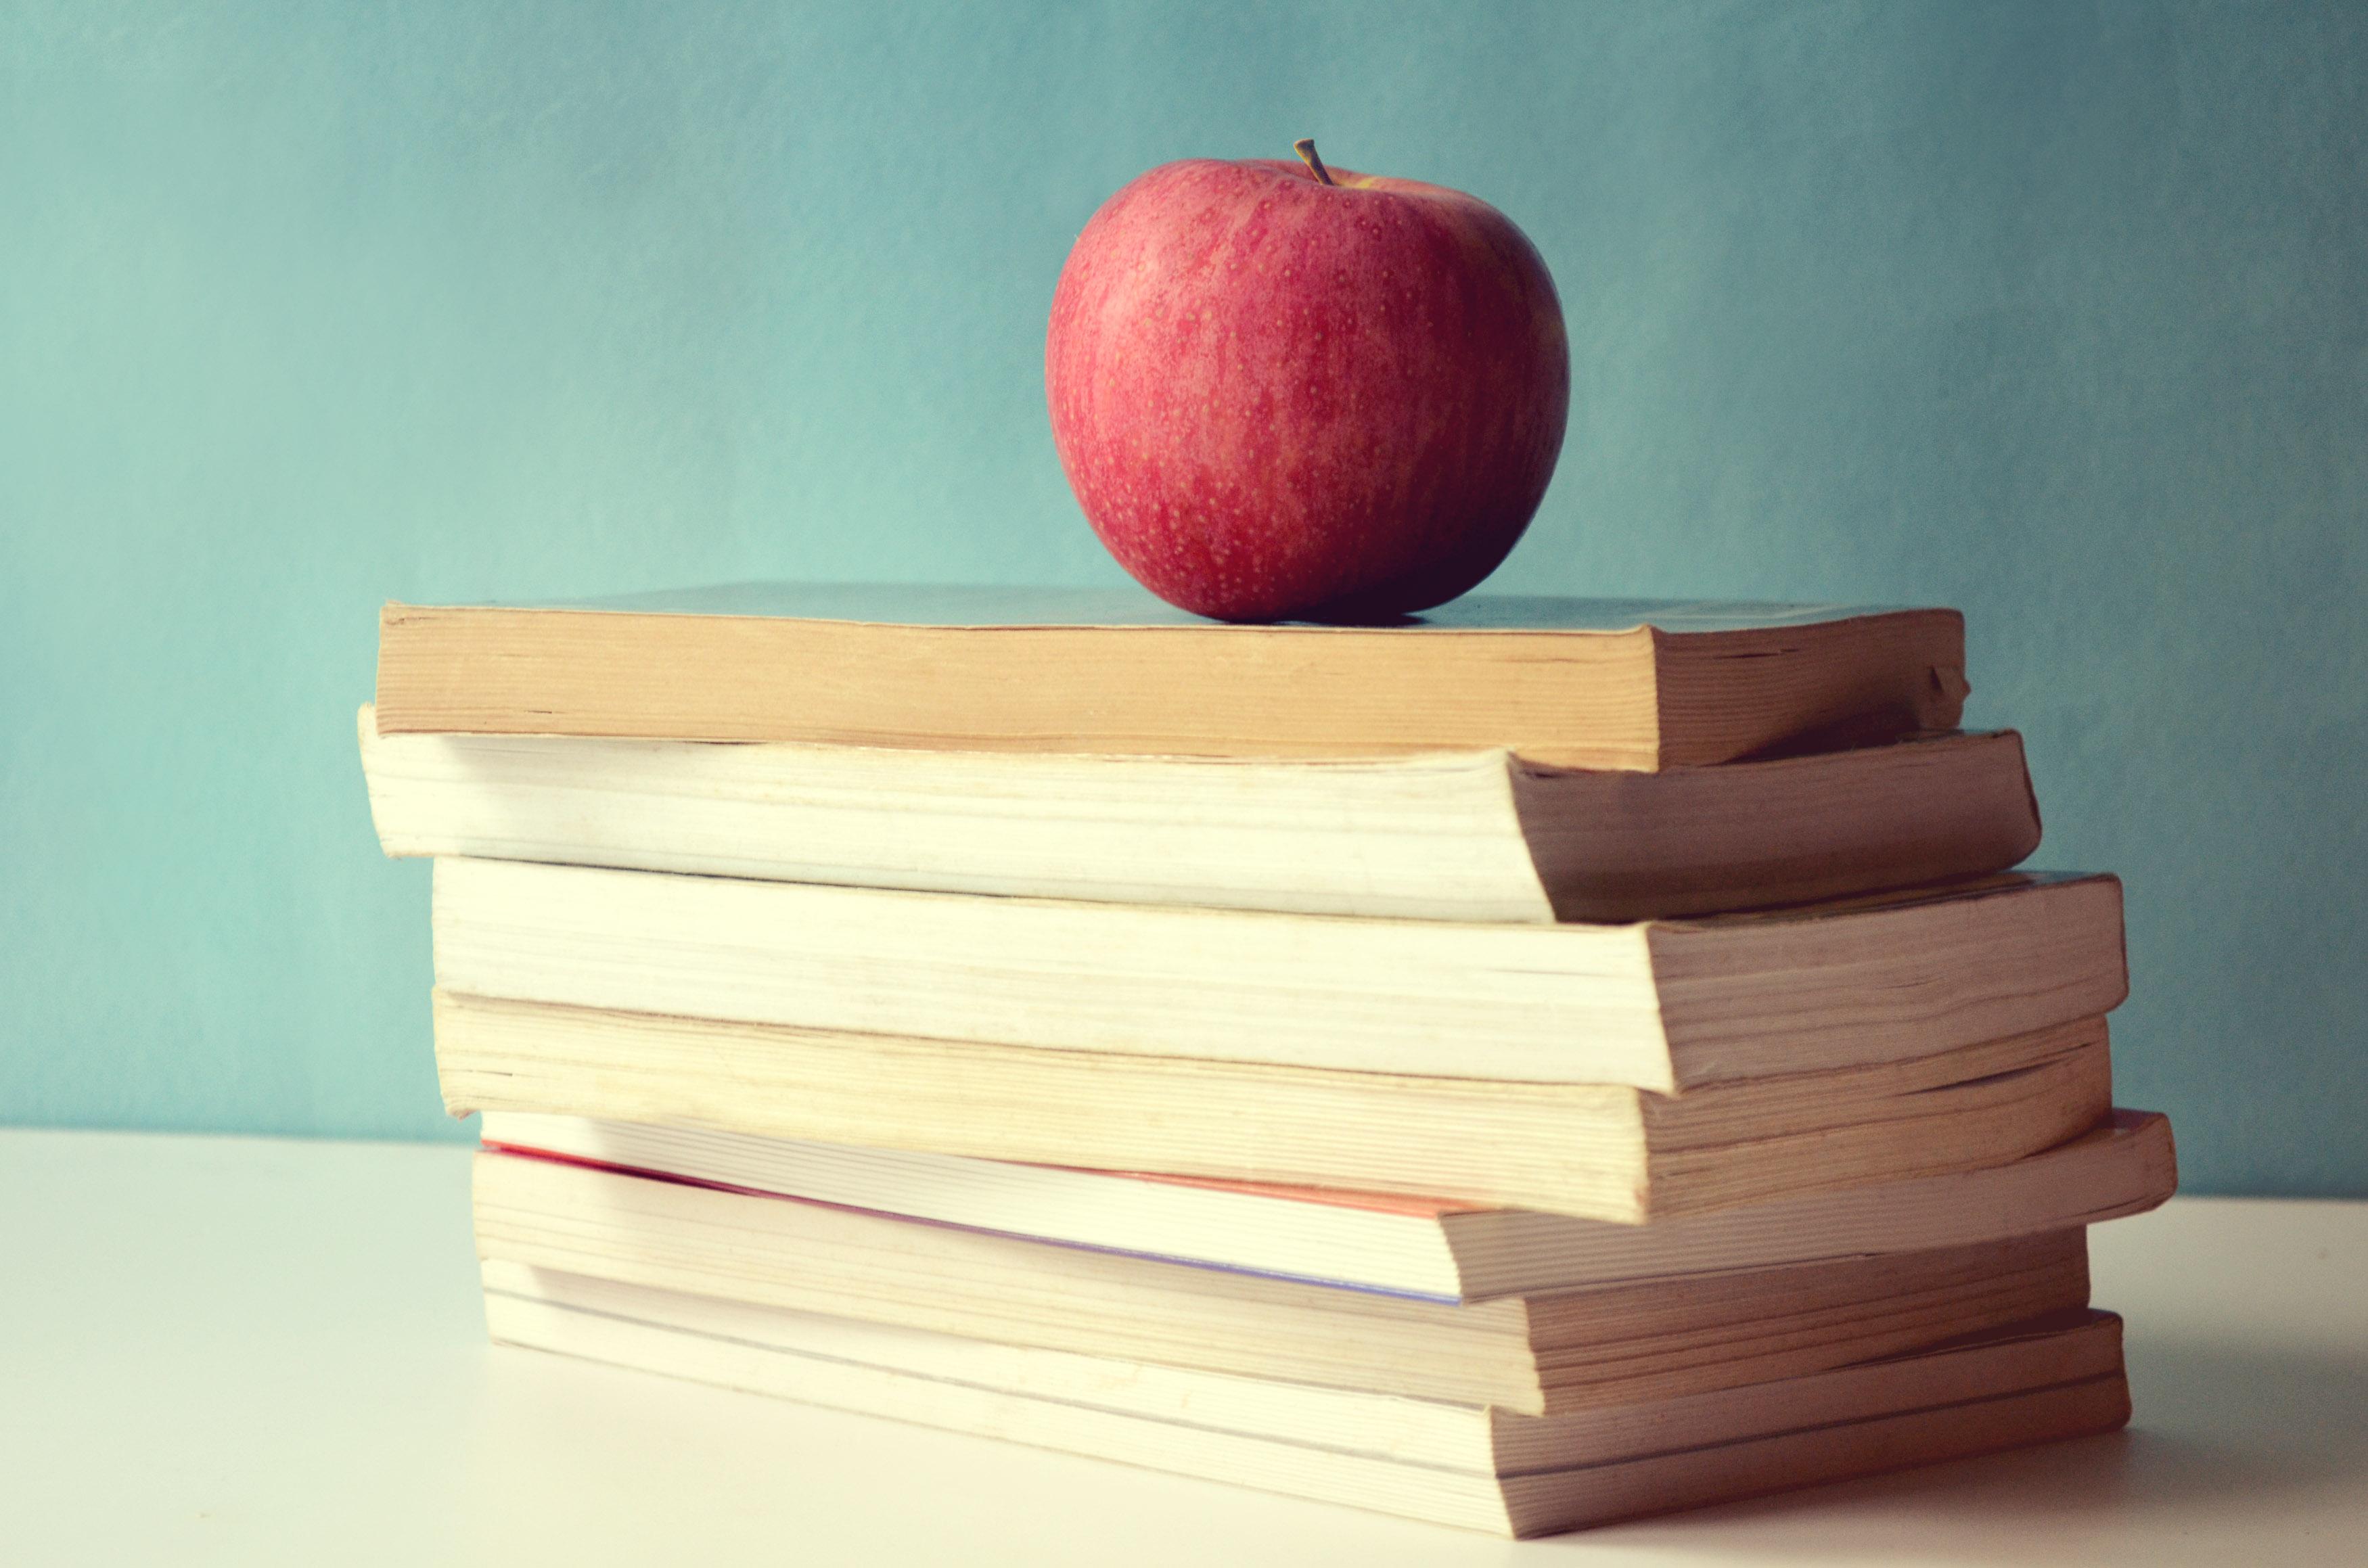 一堆红苹果的书